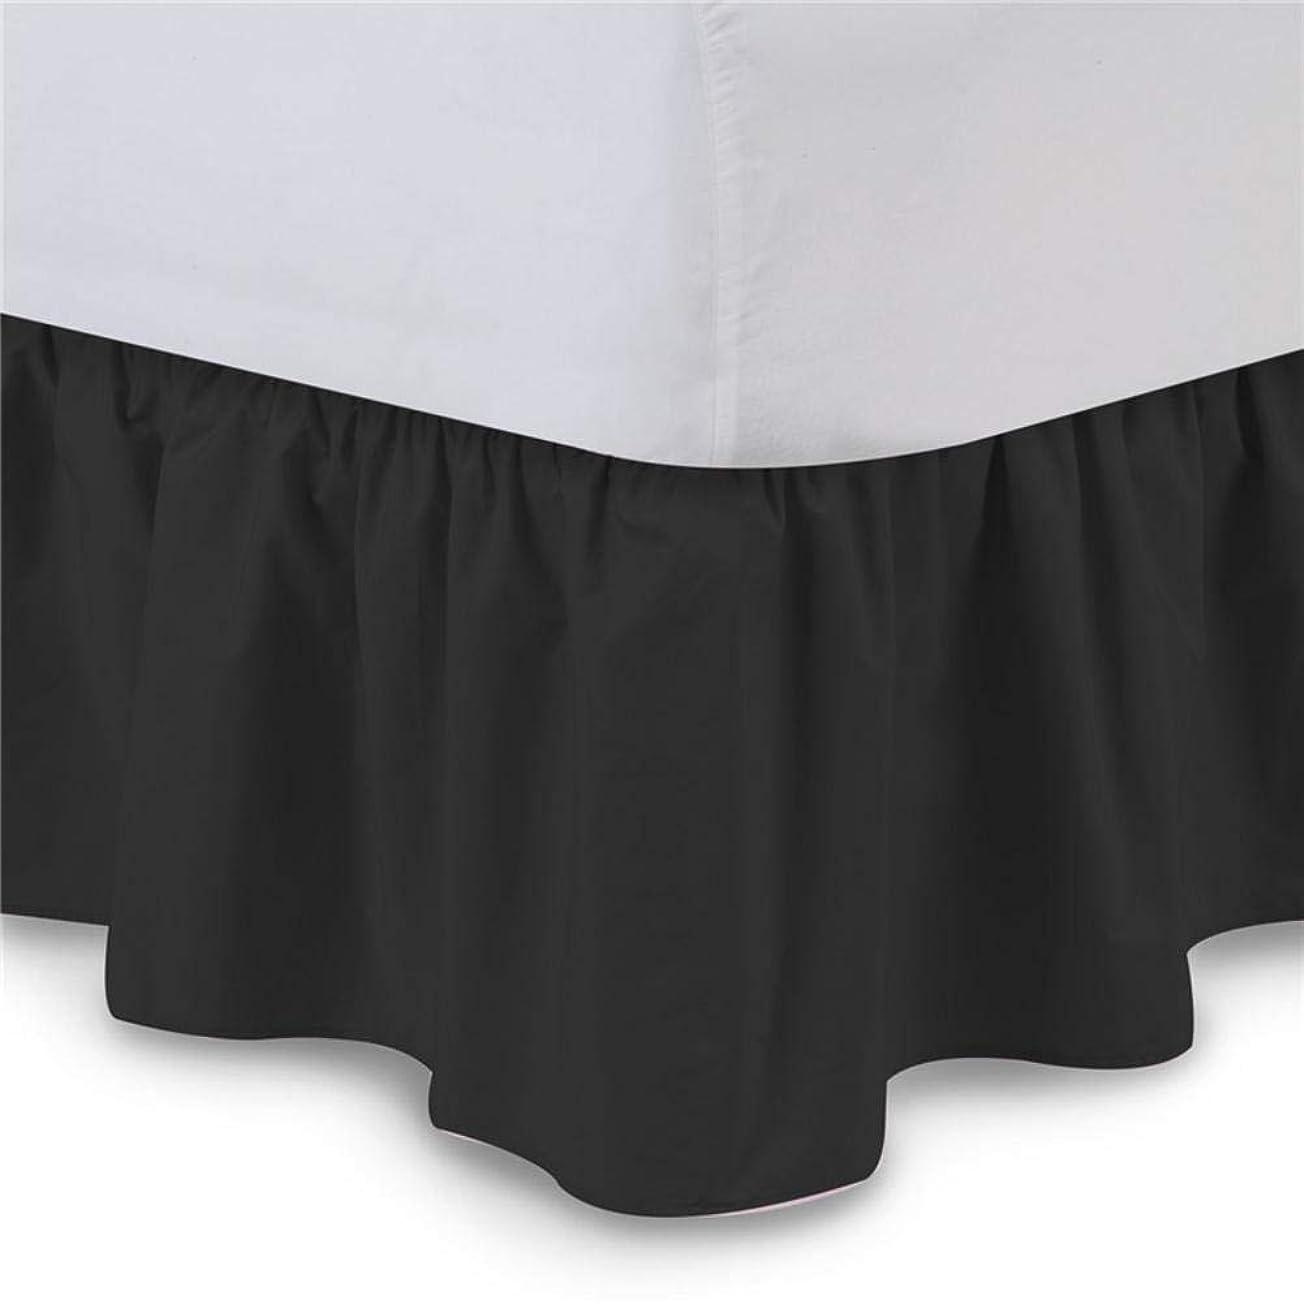 質素な同行する要求ベッドスカート 無地 ピュアカラーイージーフィット ベッドスカート ホテル弾性 バンドなしでベッド 表面ラップなし クイーンダストラッフル